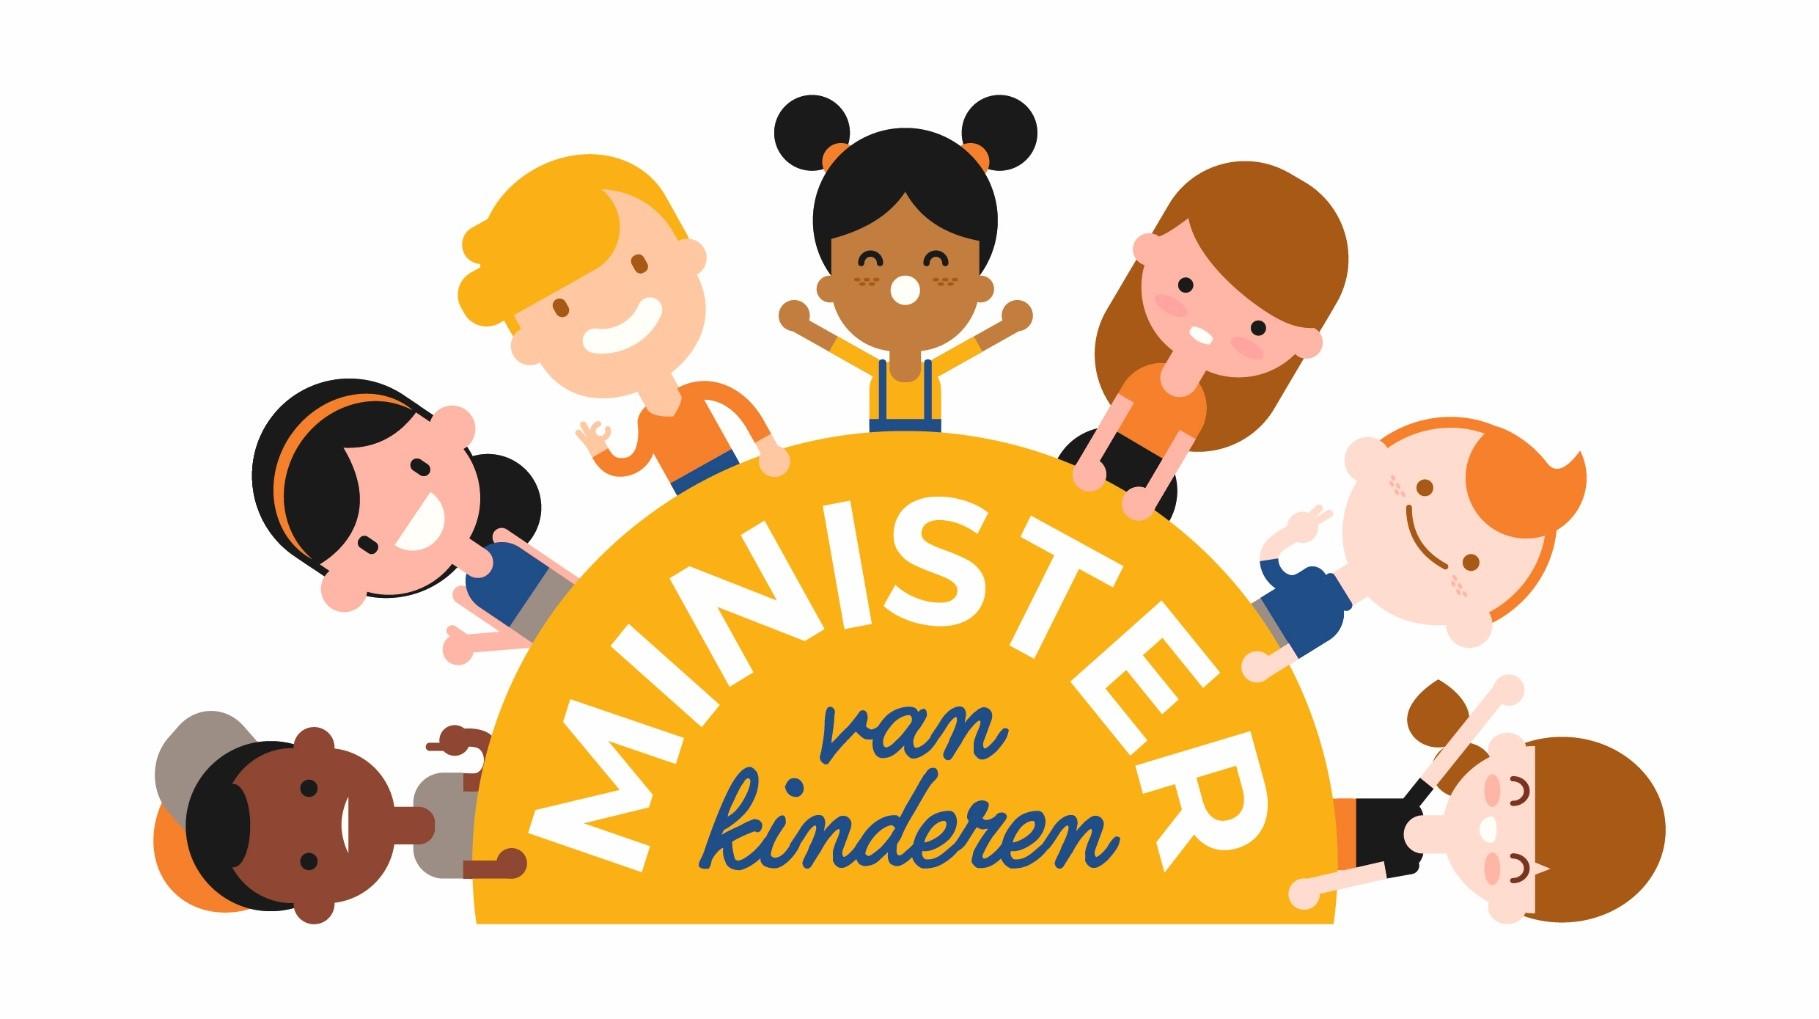 Afbeelding Minister van Kinderen